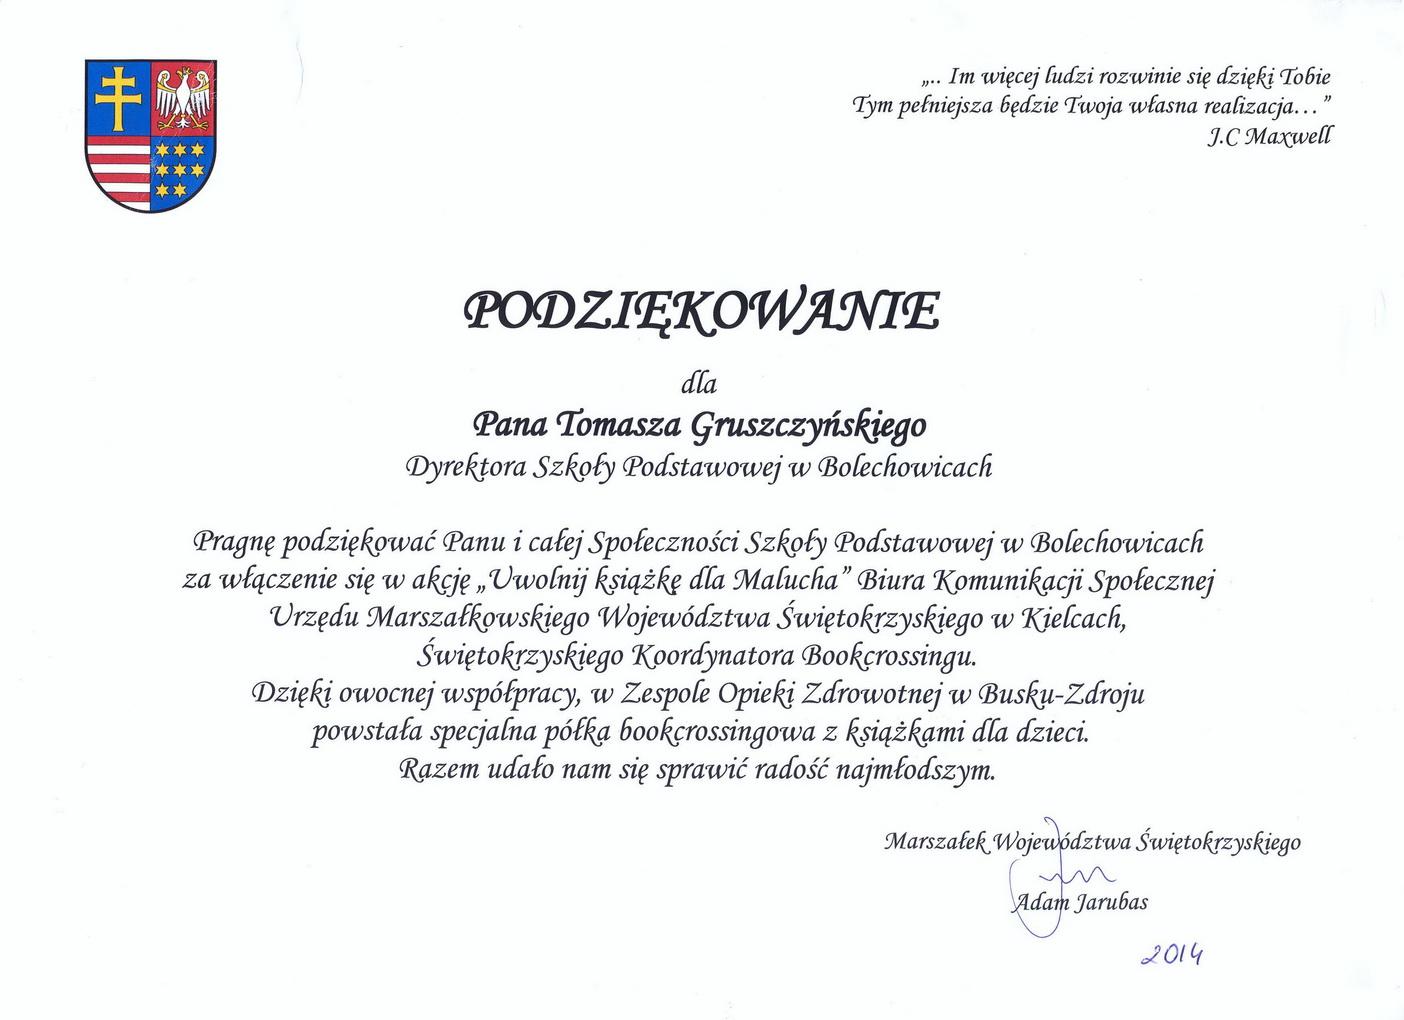 Podziękowania od Marszałka Województwa_zmień nazwę